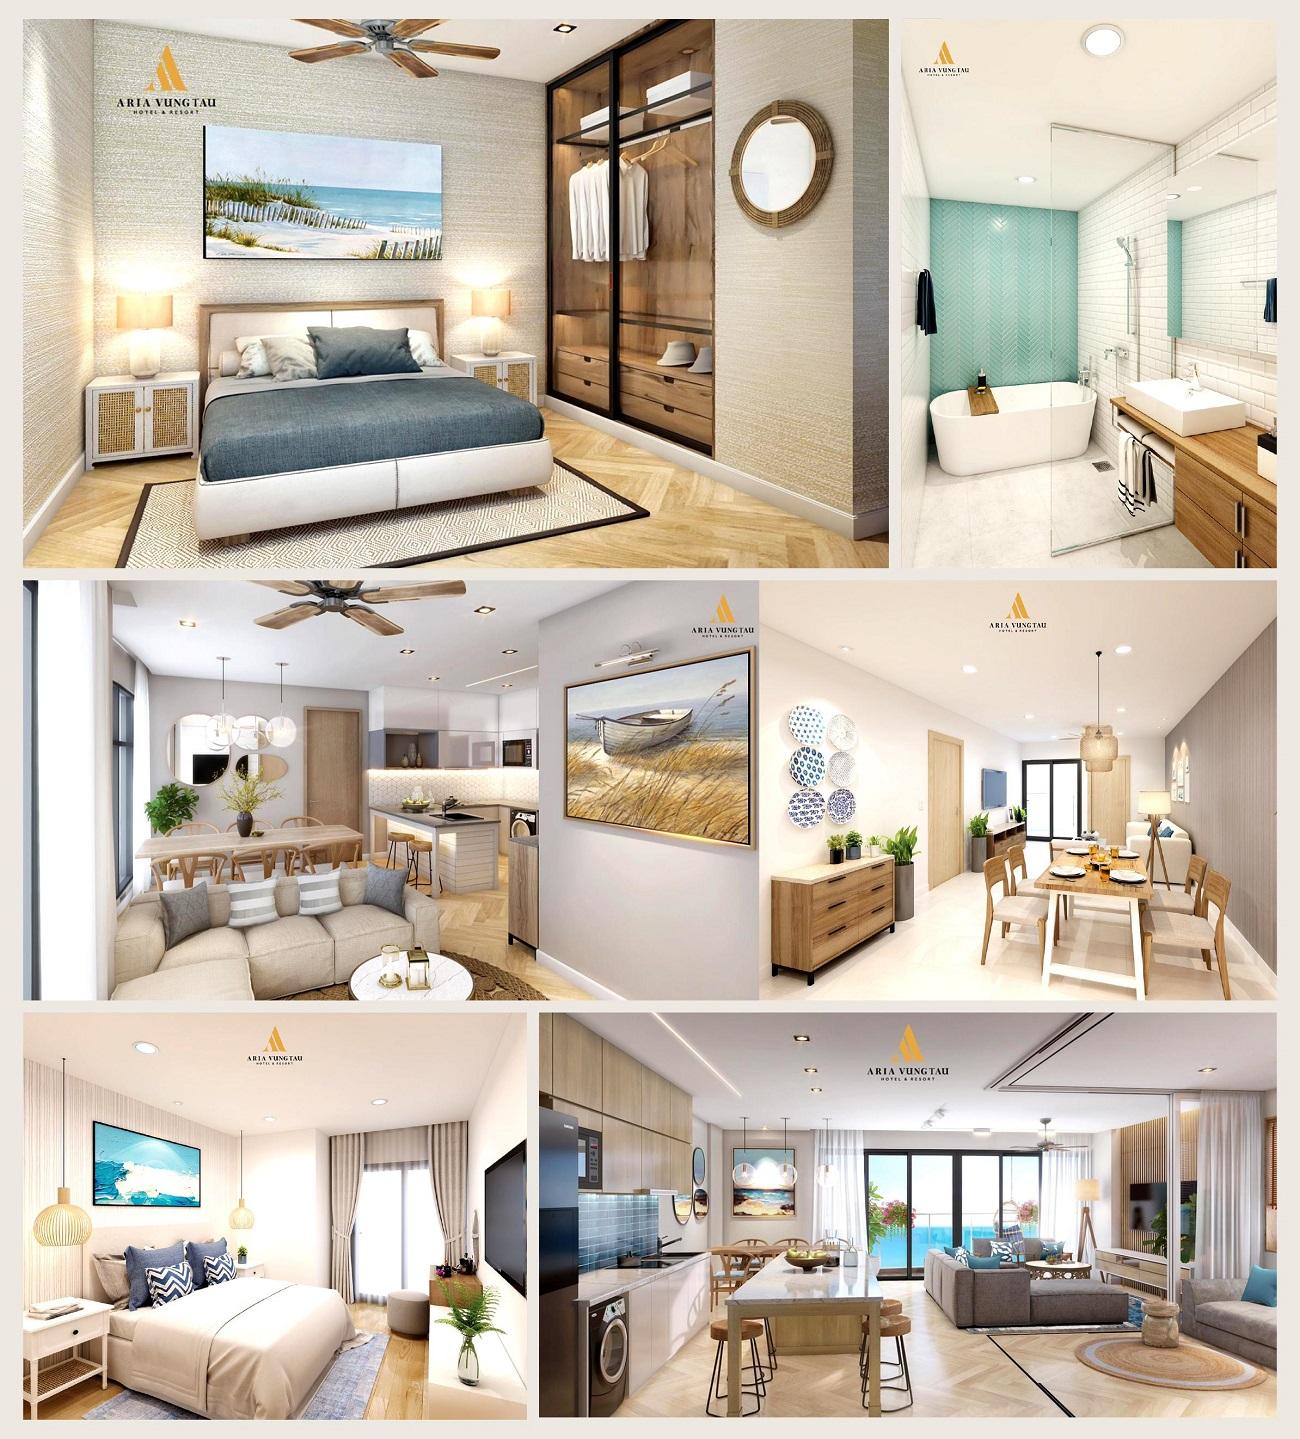 Thiết kế nội thất căn hộ Aria Vũng Tàu